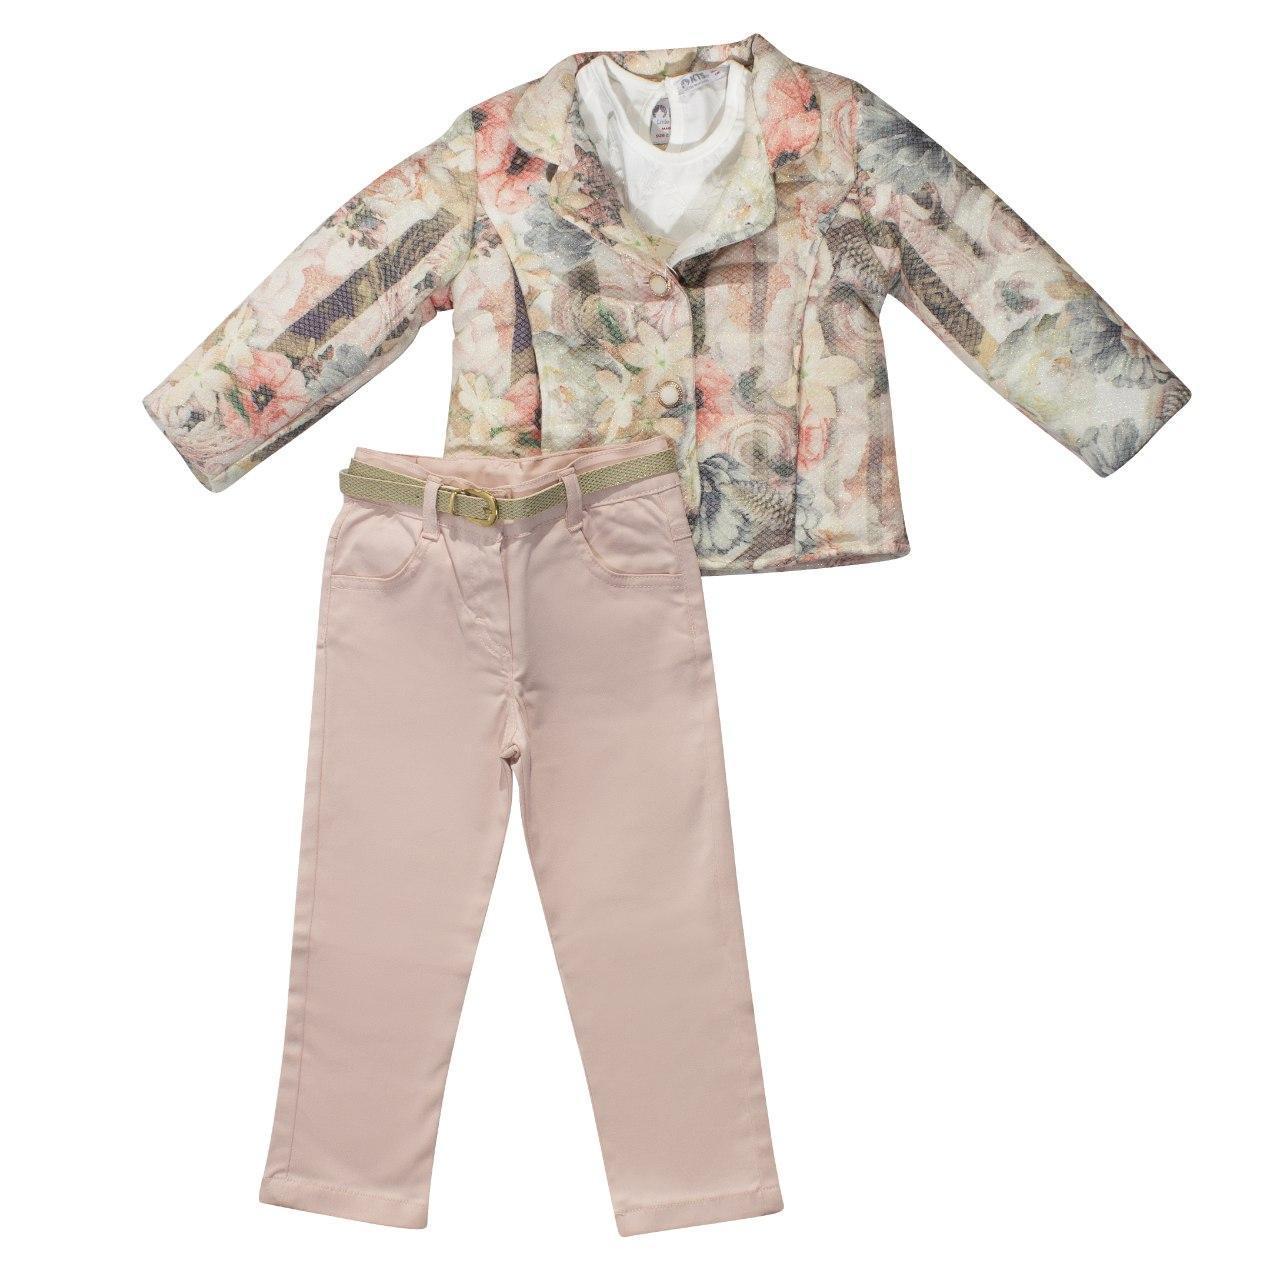 Куртка, футболка і штани для дівчинки, розмір 2 роки